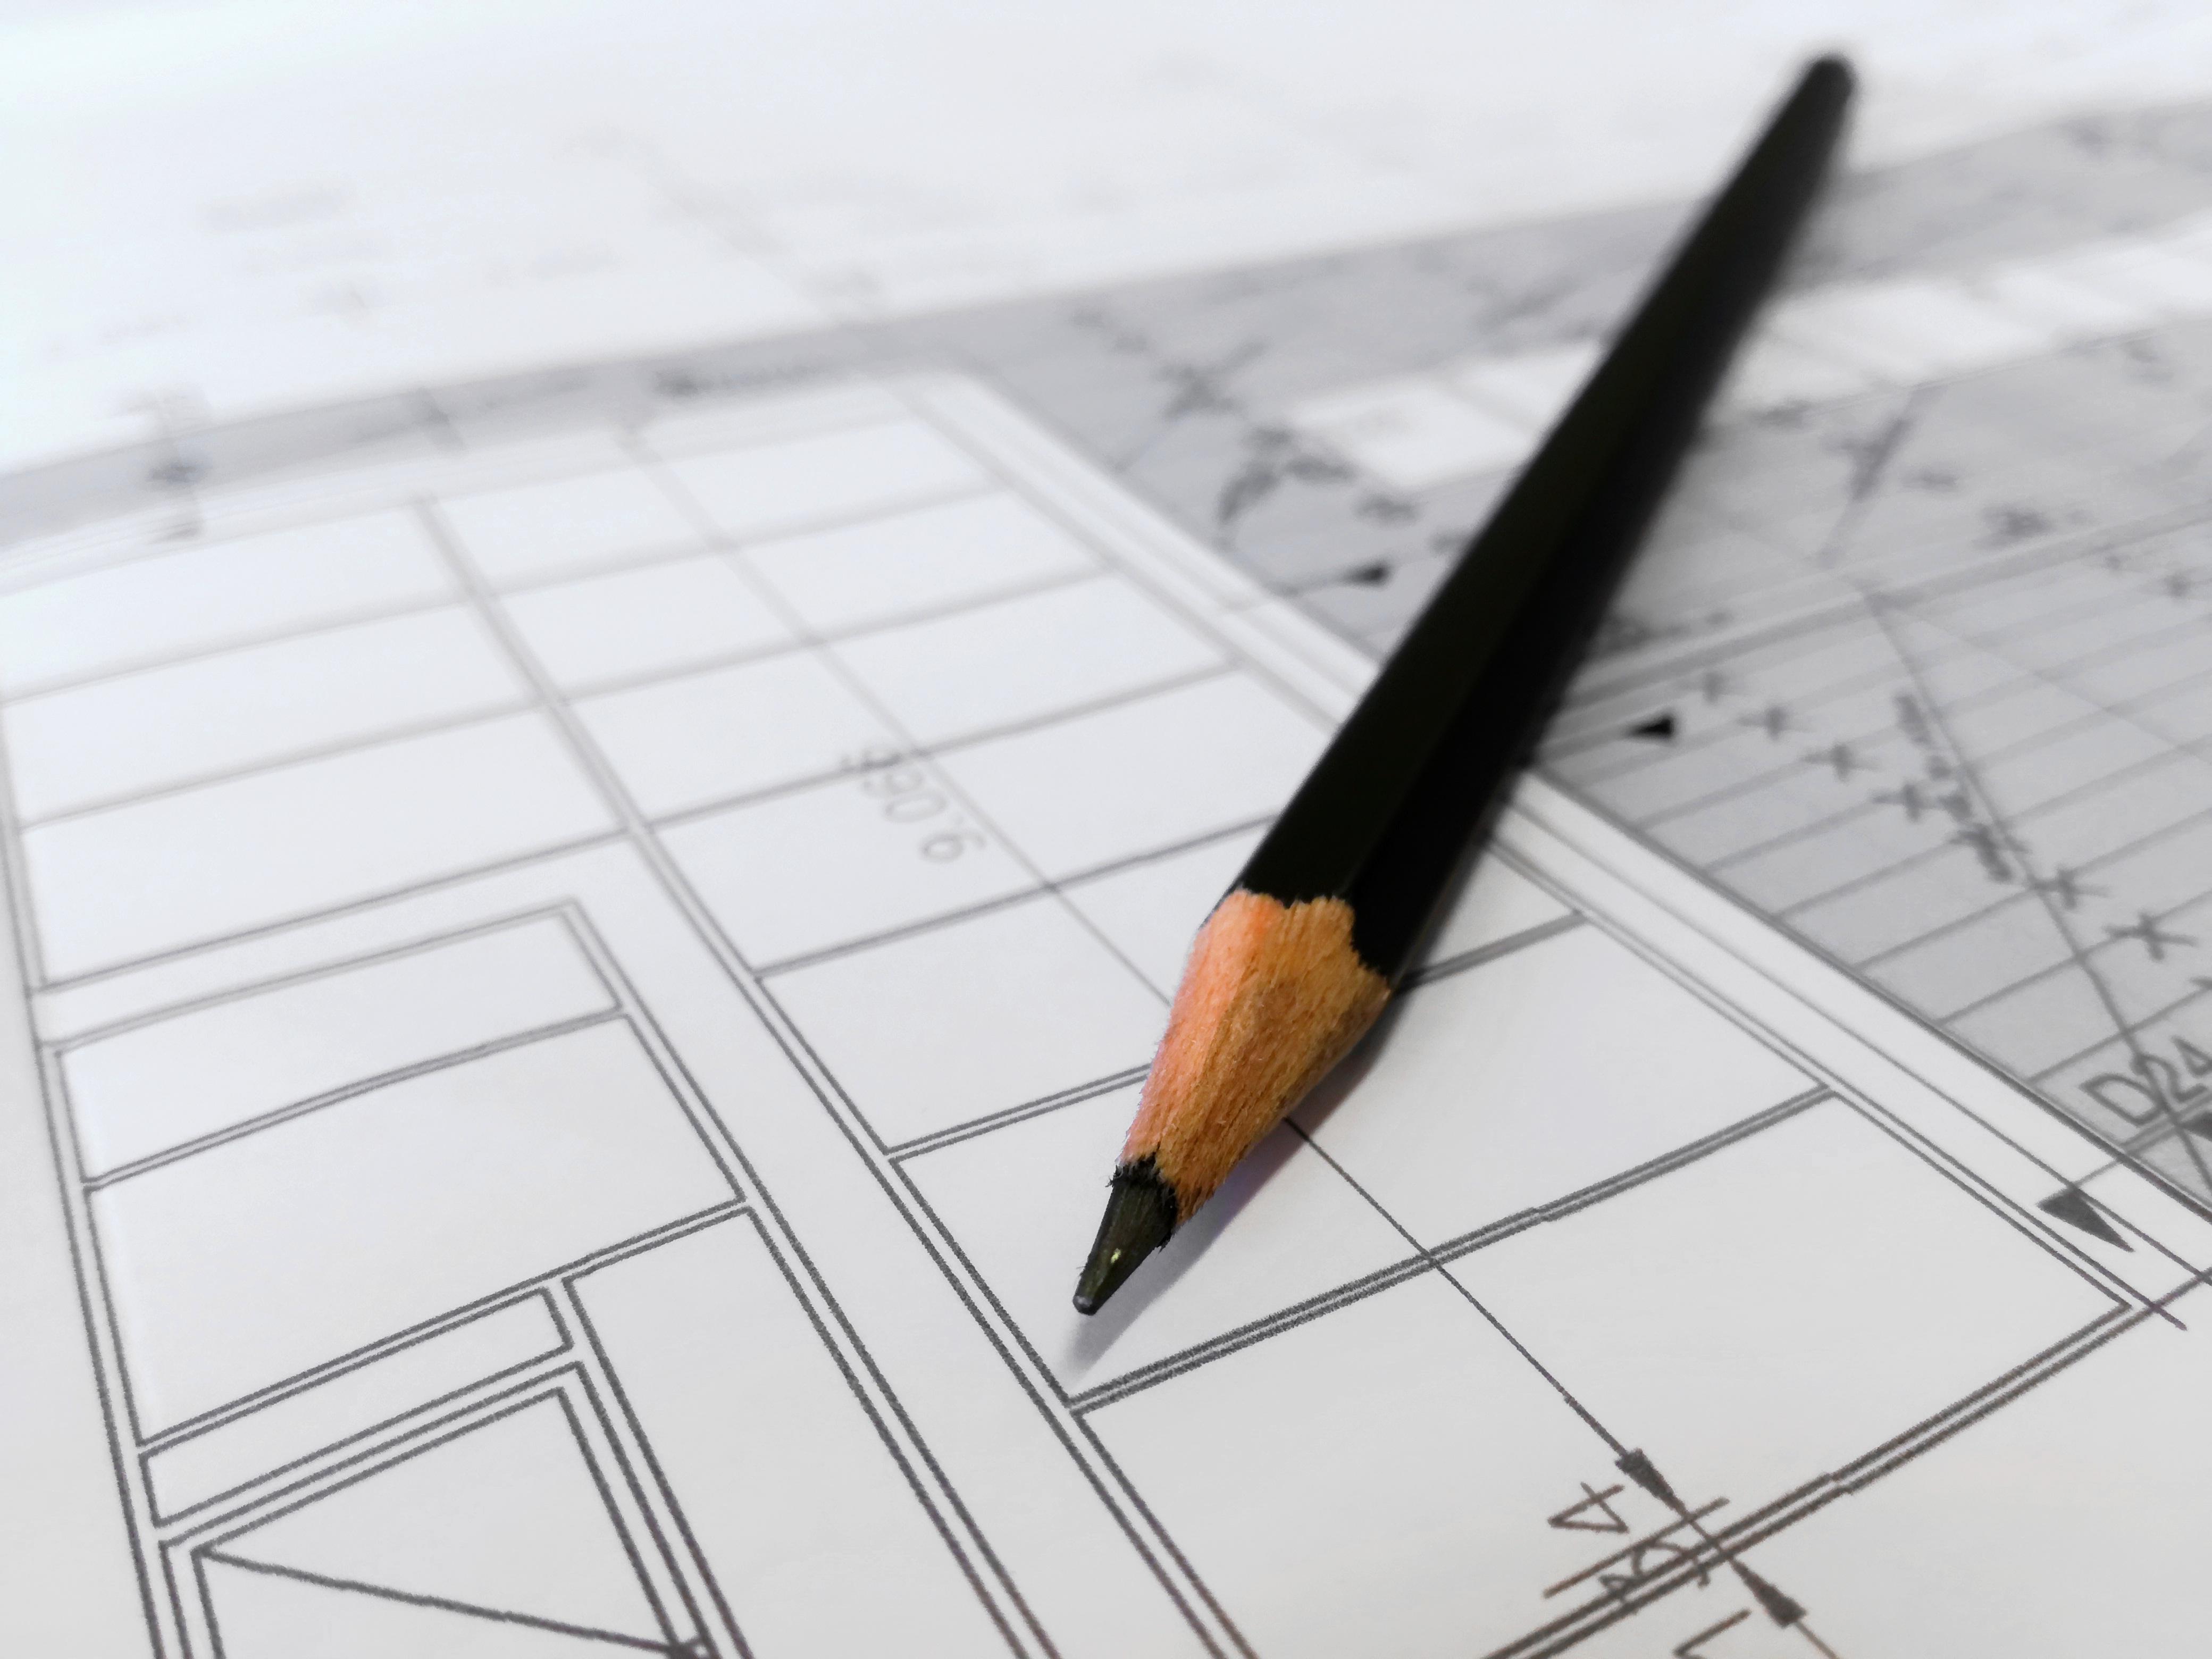 Gambar Penulisan Pensil Pena Arsitek Garis Artis